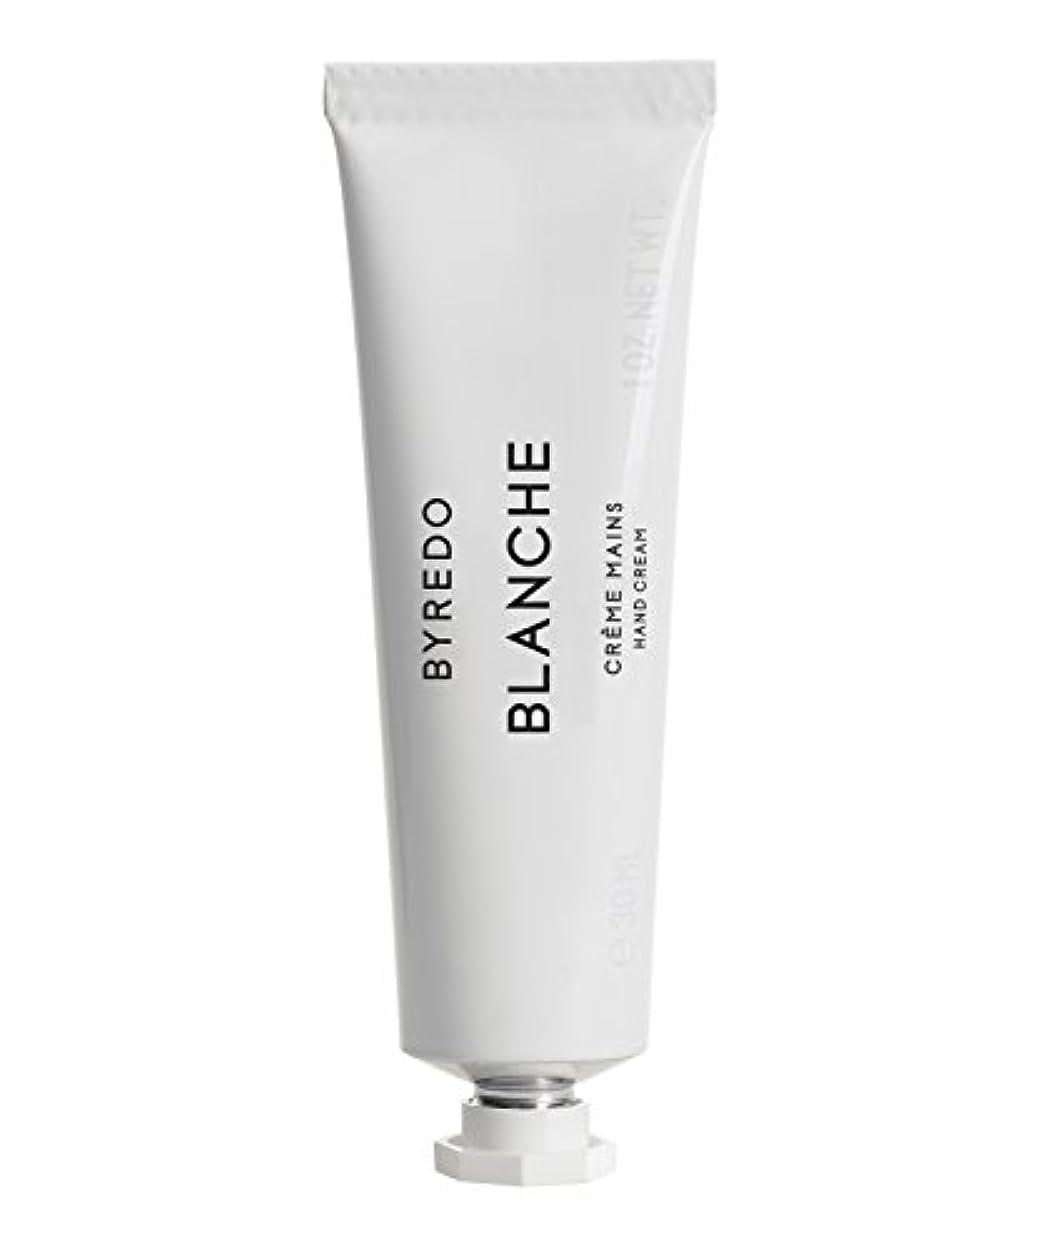 虐殺放射能アンタゴニストByredo Hand Cream Blanche 30ml - ハンドクリームのブランシュ30ミリリットル [並行輸入品]